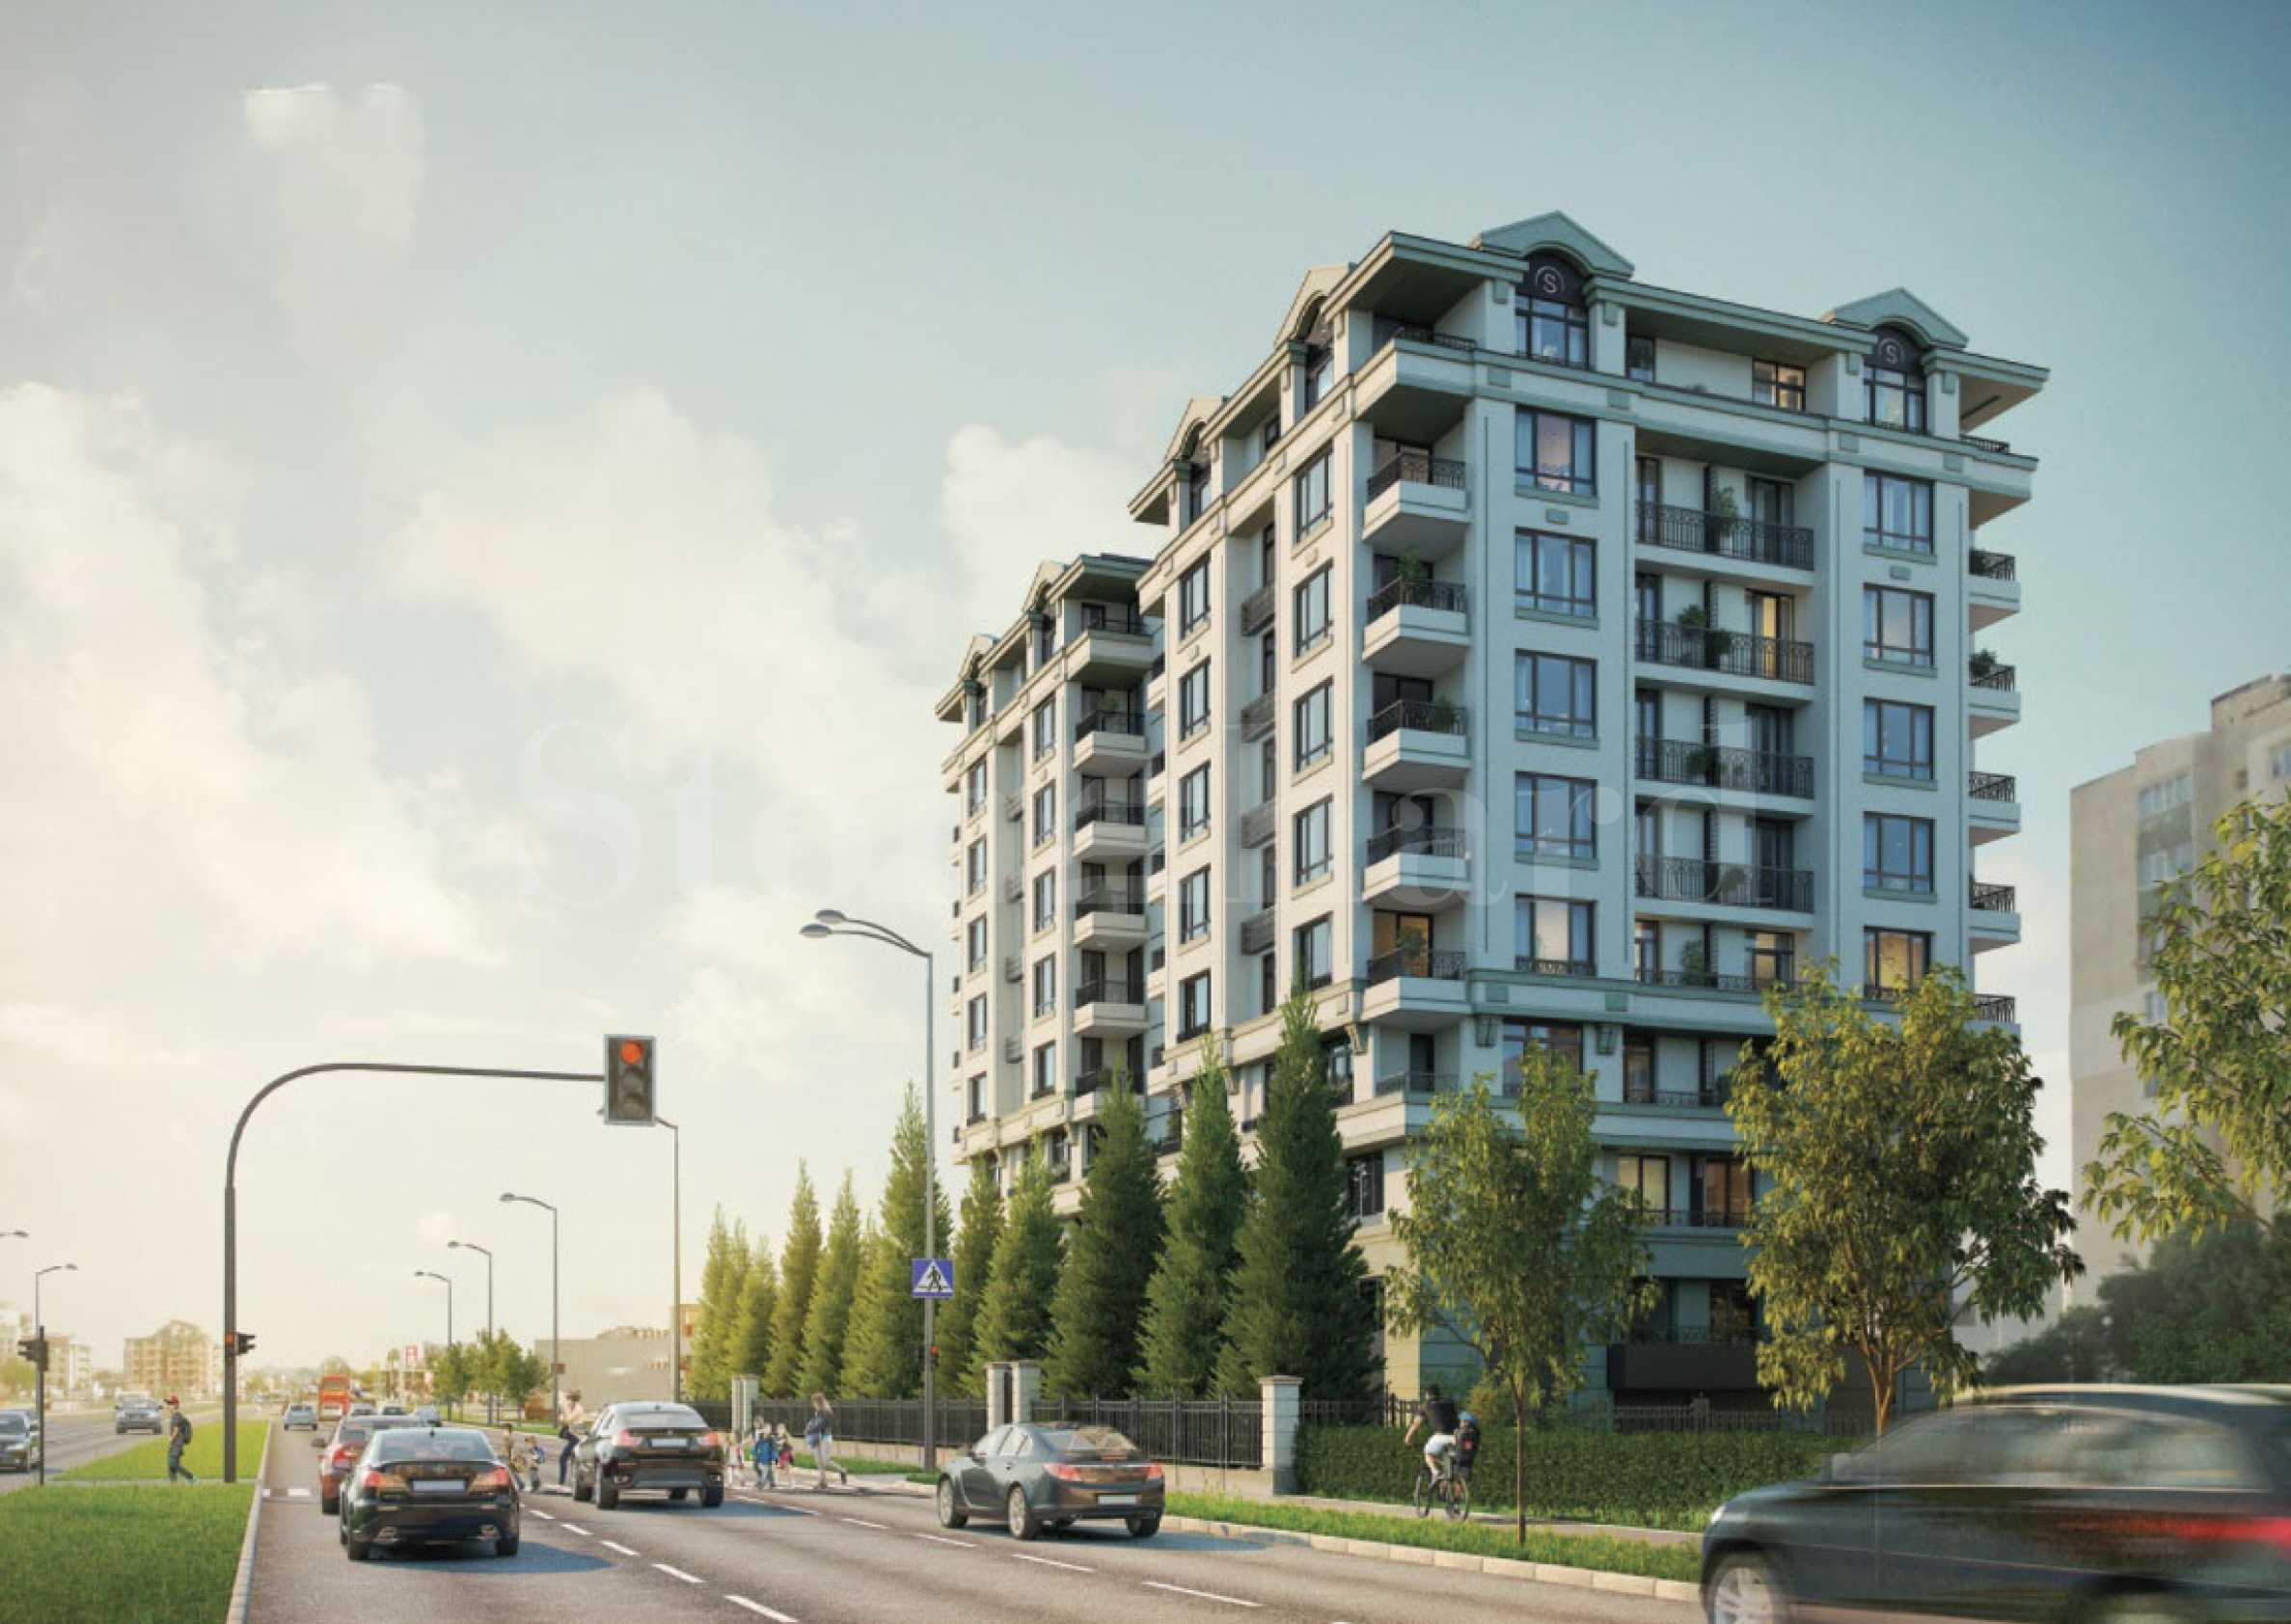 Сграда в непосредствена близост до метростанци, подходяща за инвестиция 2 - Stonehard